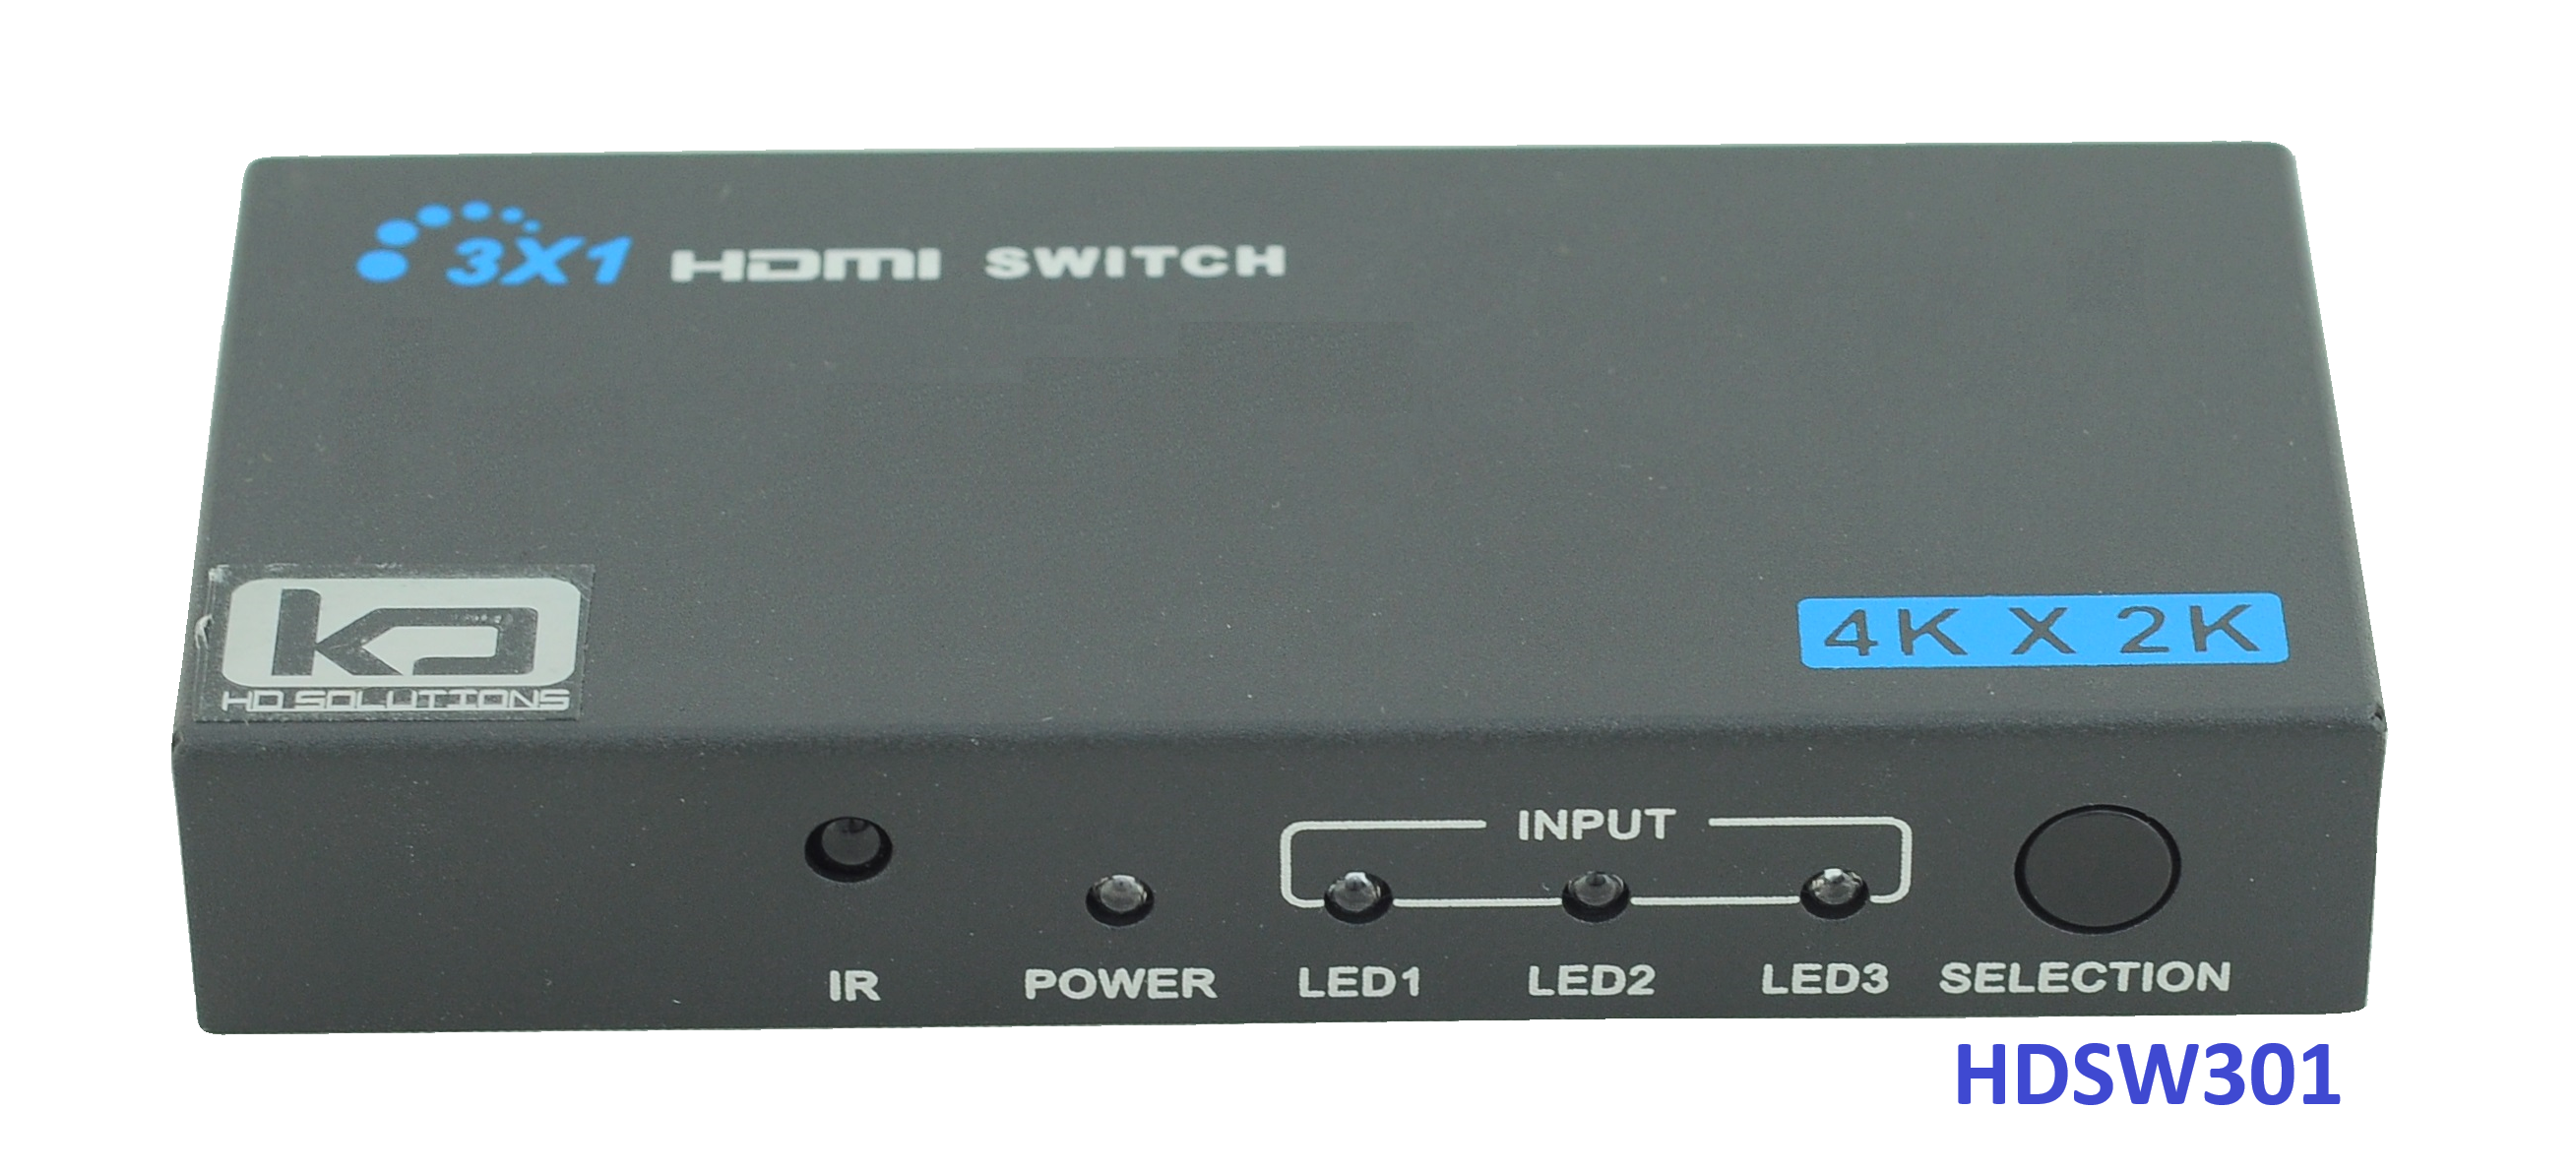 HDSW301